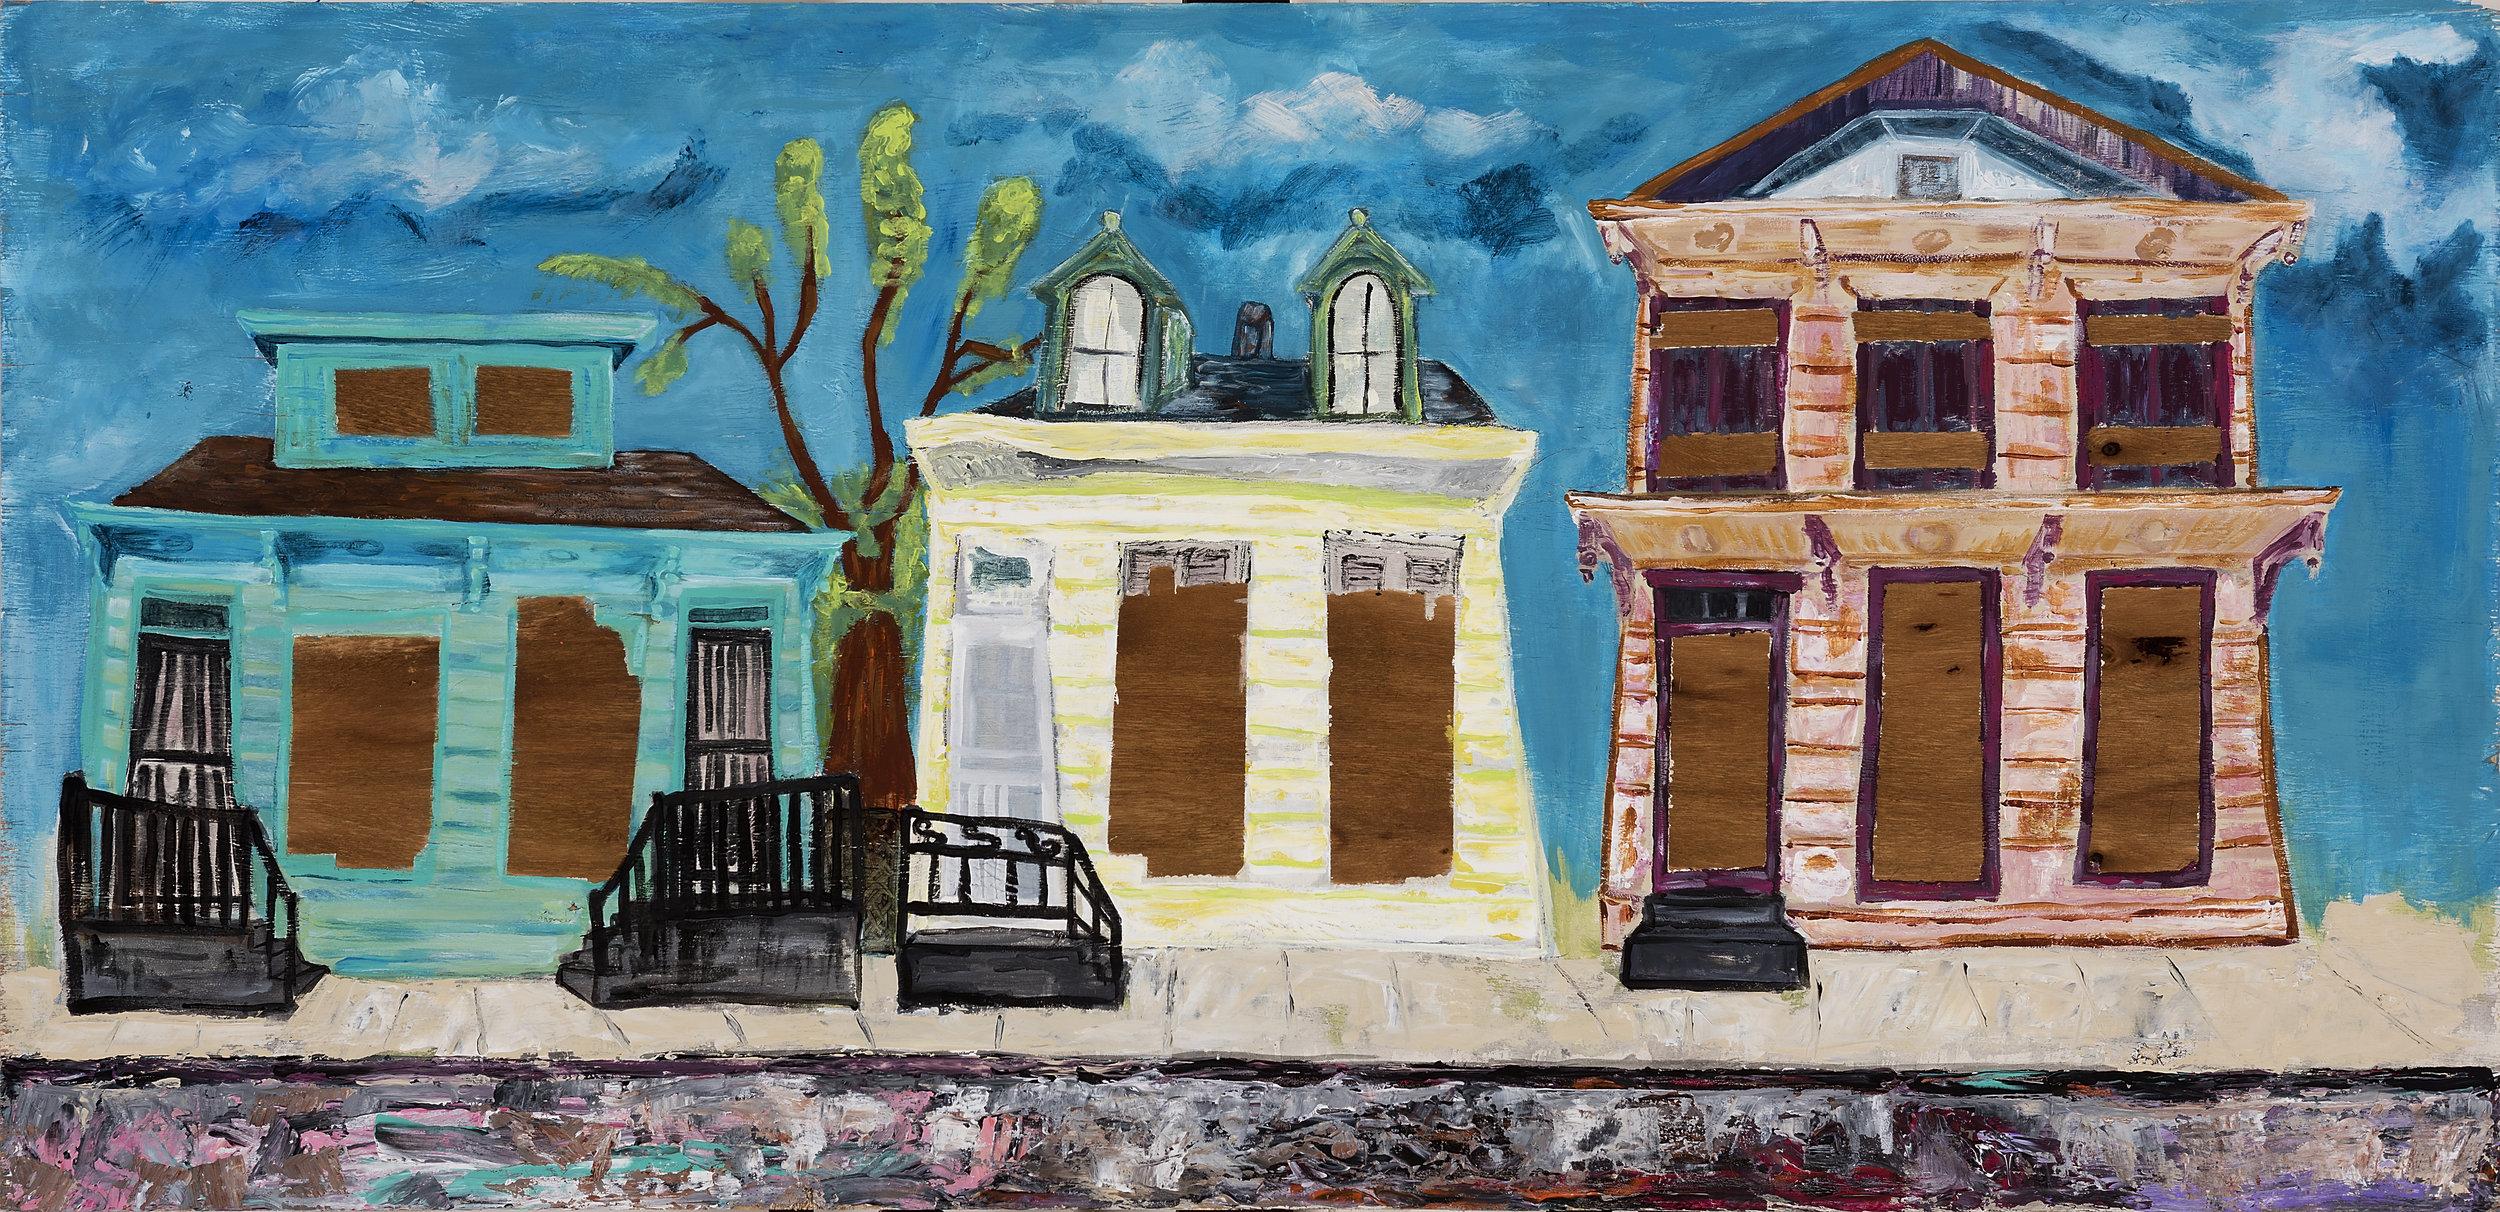 3 houses.jpg